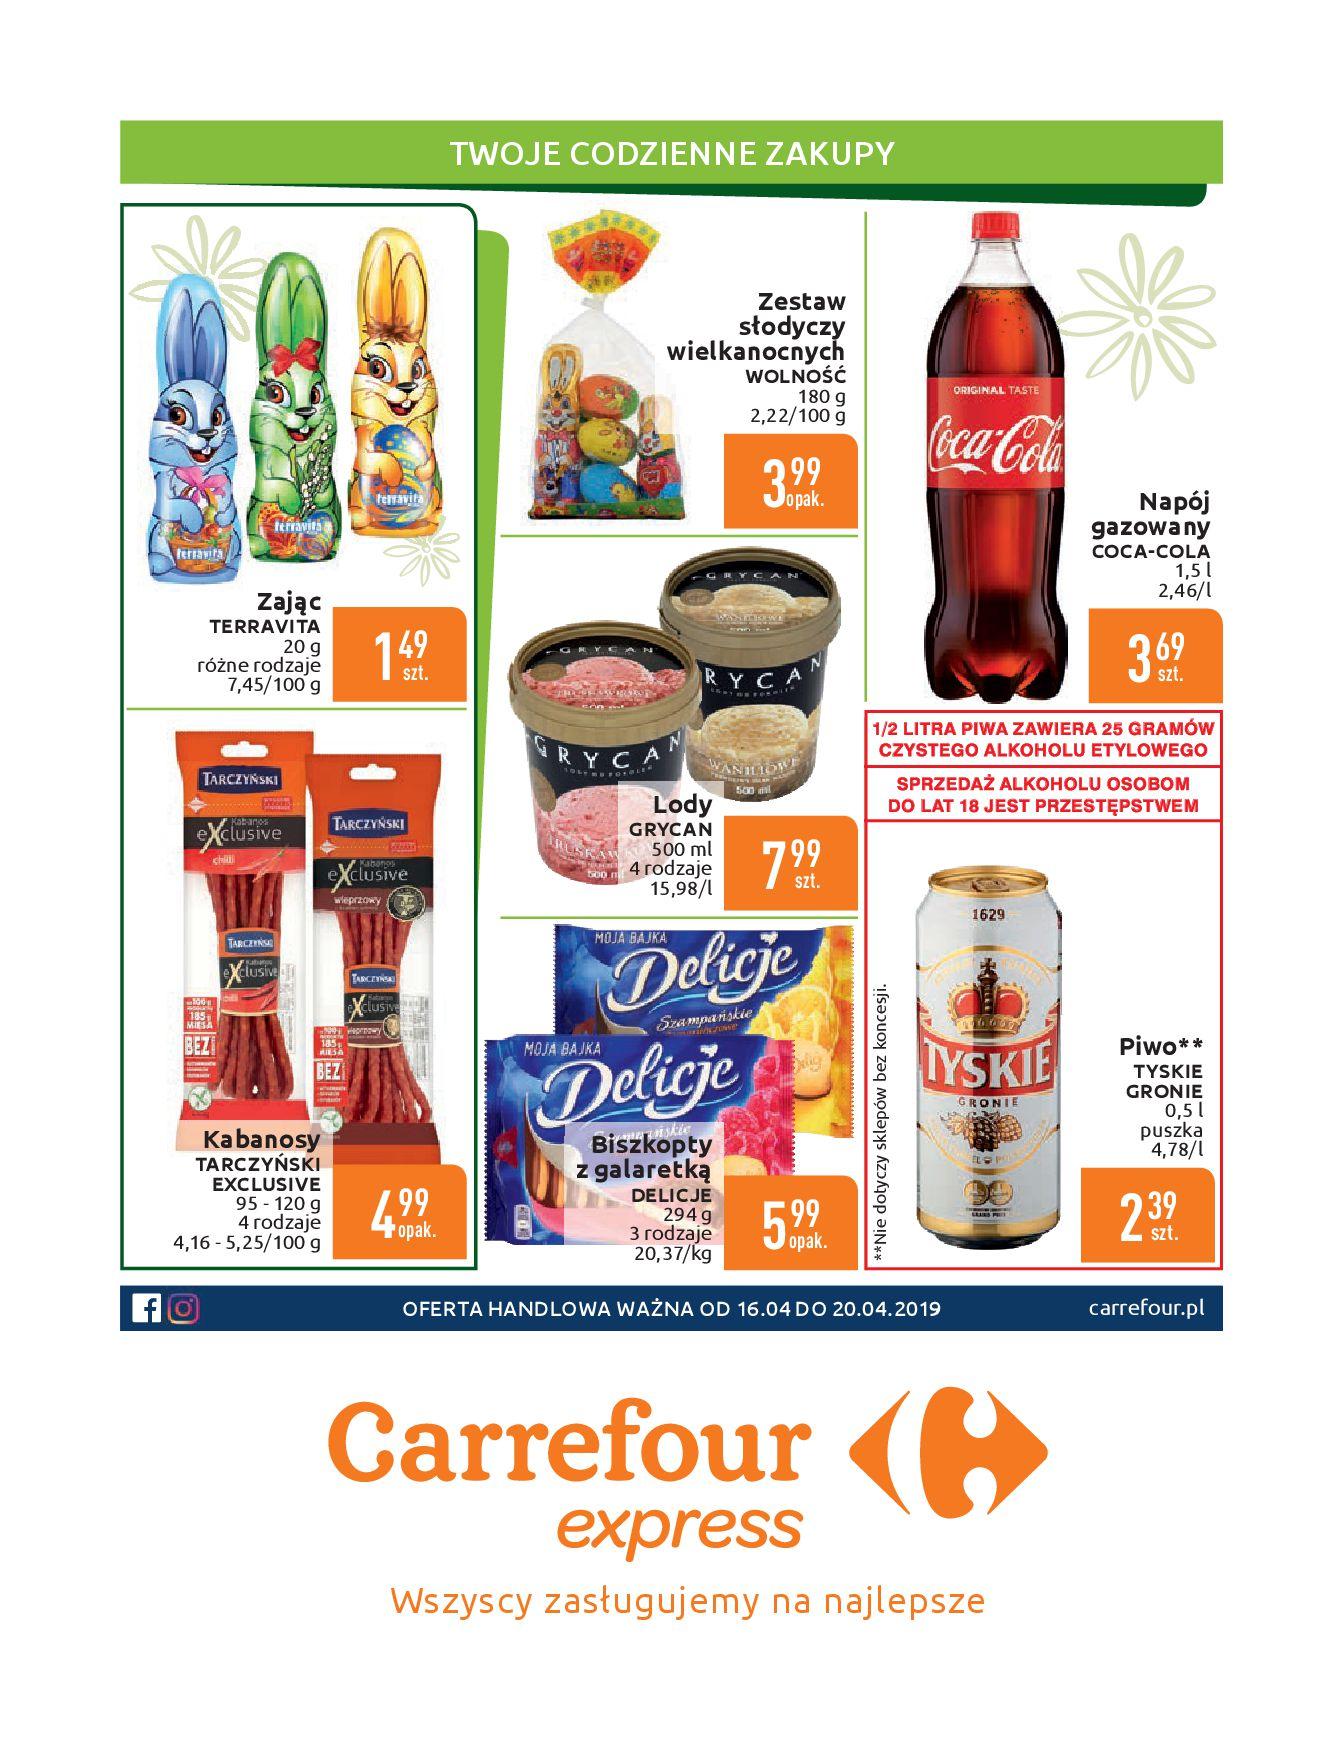 Gazetka Carrefour Express - Gdy zakupy rosną, to ceny maleją ekspresowo-15.04.2019-20.04.2019-page-